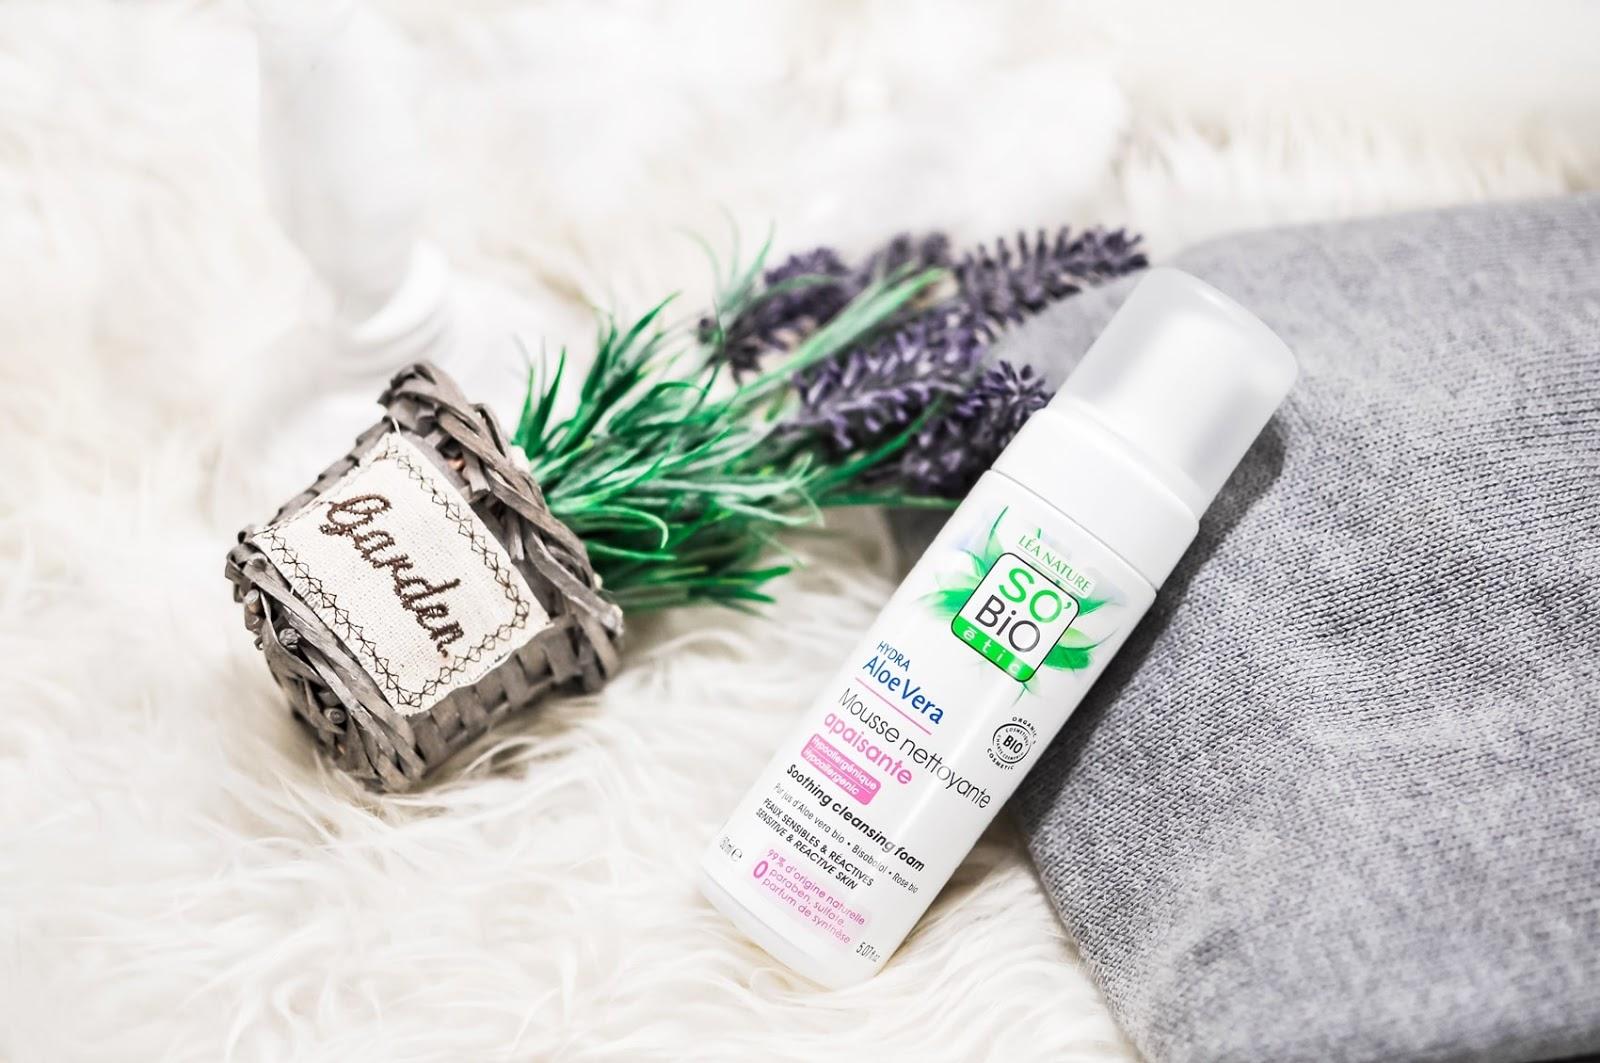 pielegnacja_kosmetyki-naturalne